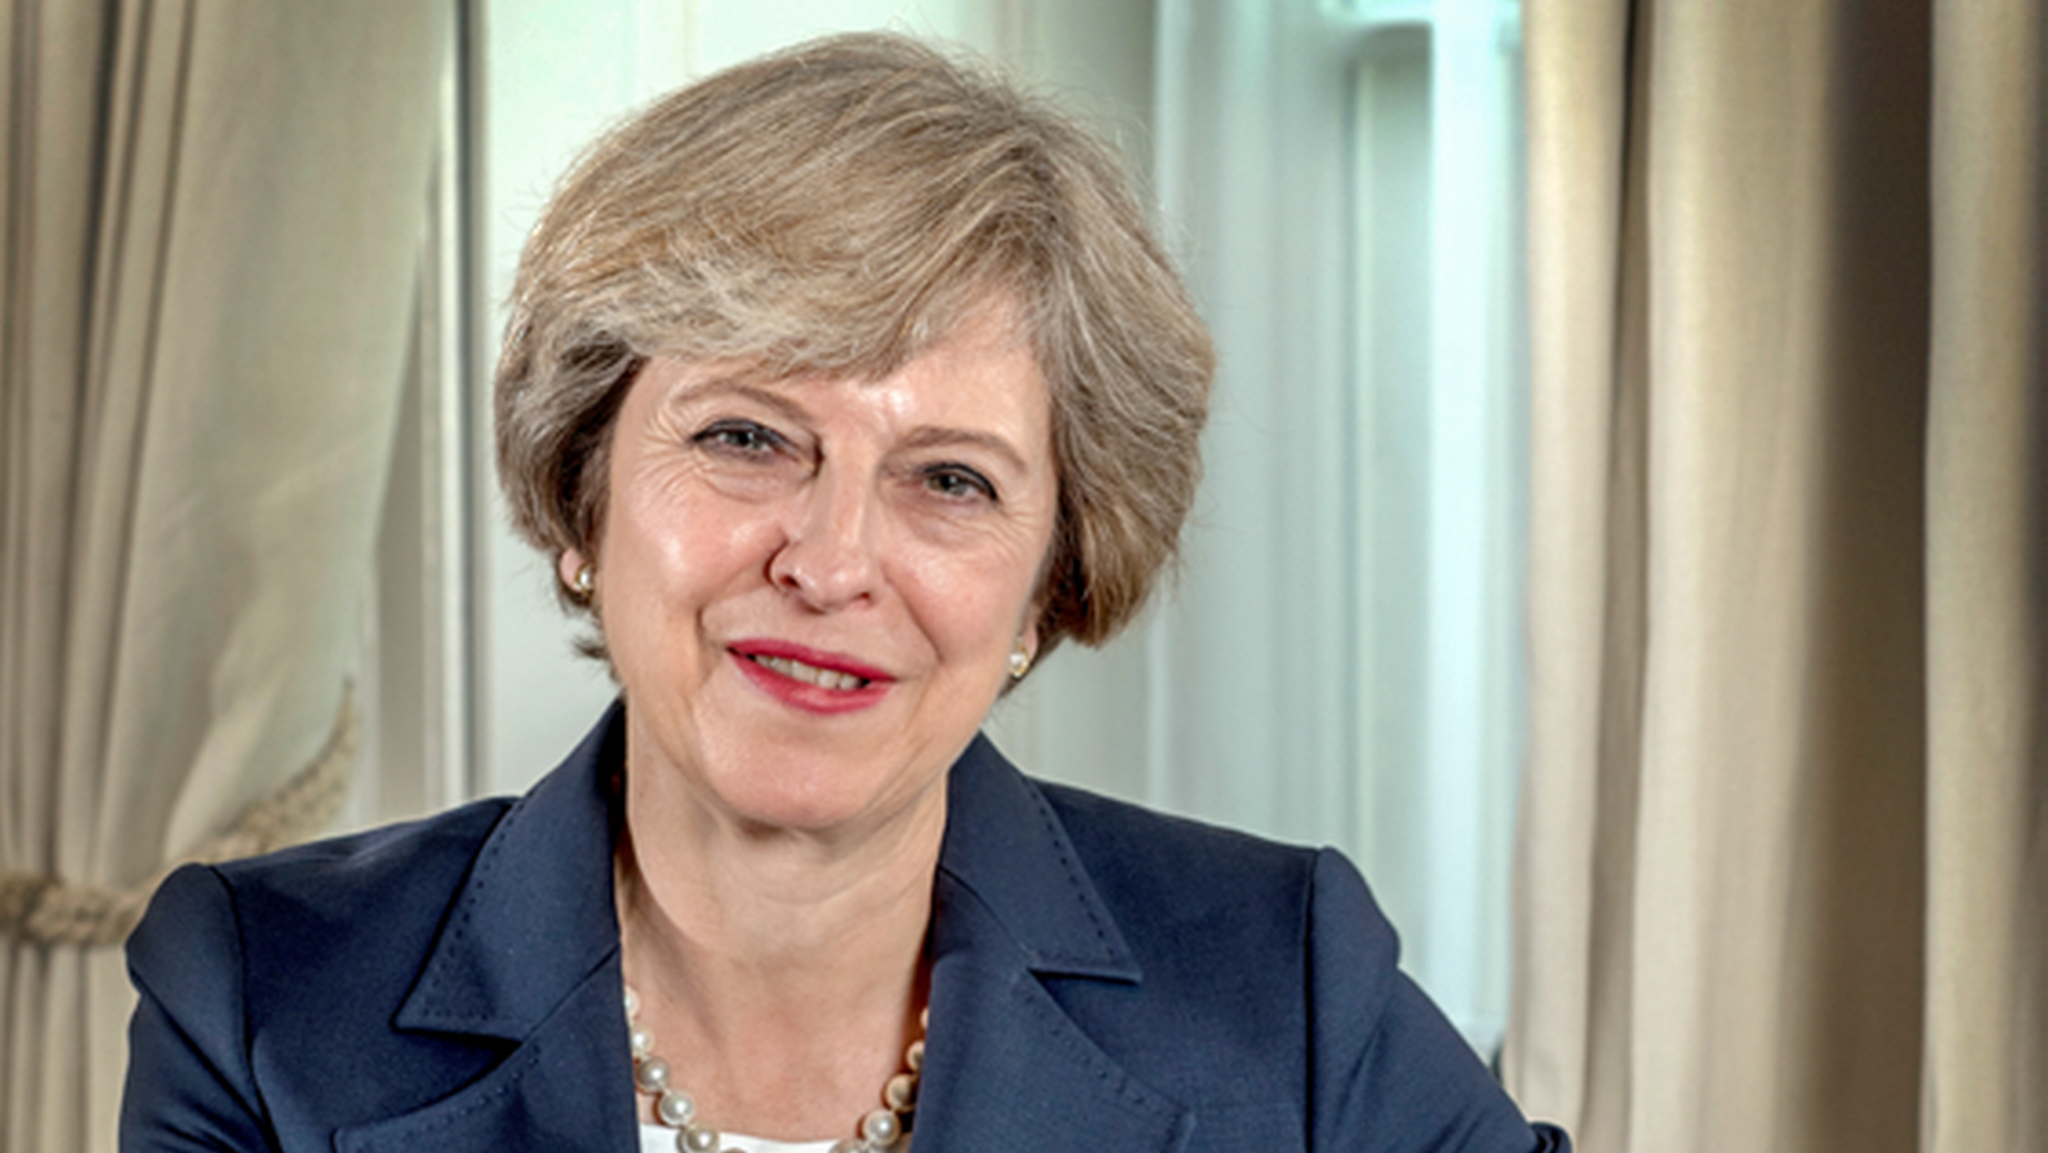 תבוסה לתרזה מיי: הפרלמנט הבריטי דחה את הסכם הברקזיט